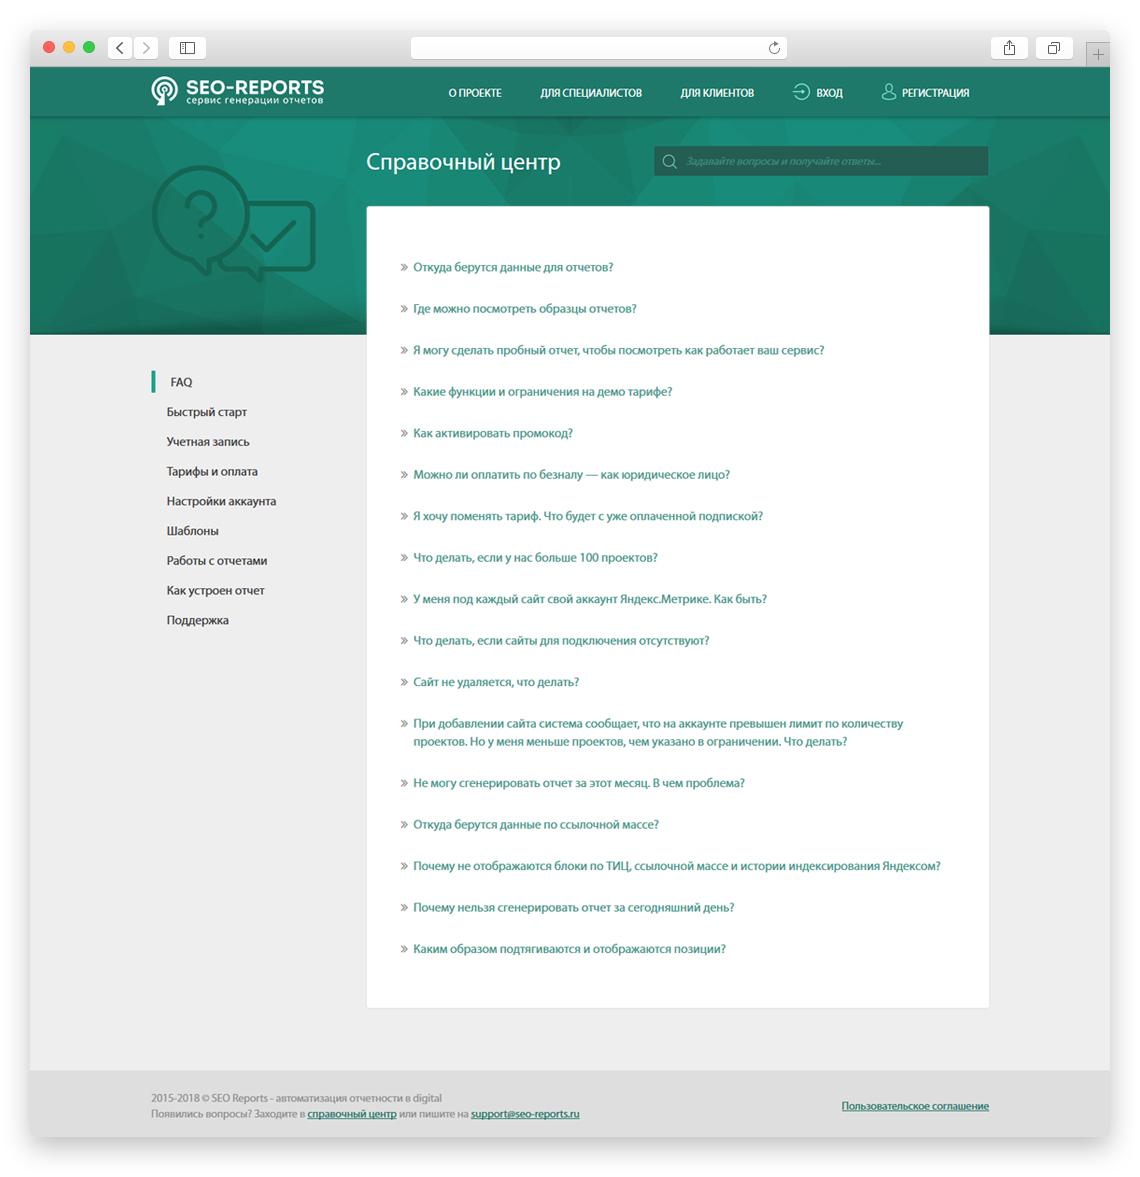 Сервис генерации отчетов SEO Reports